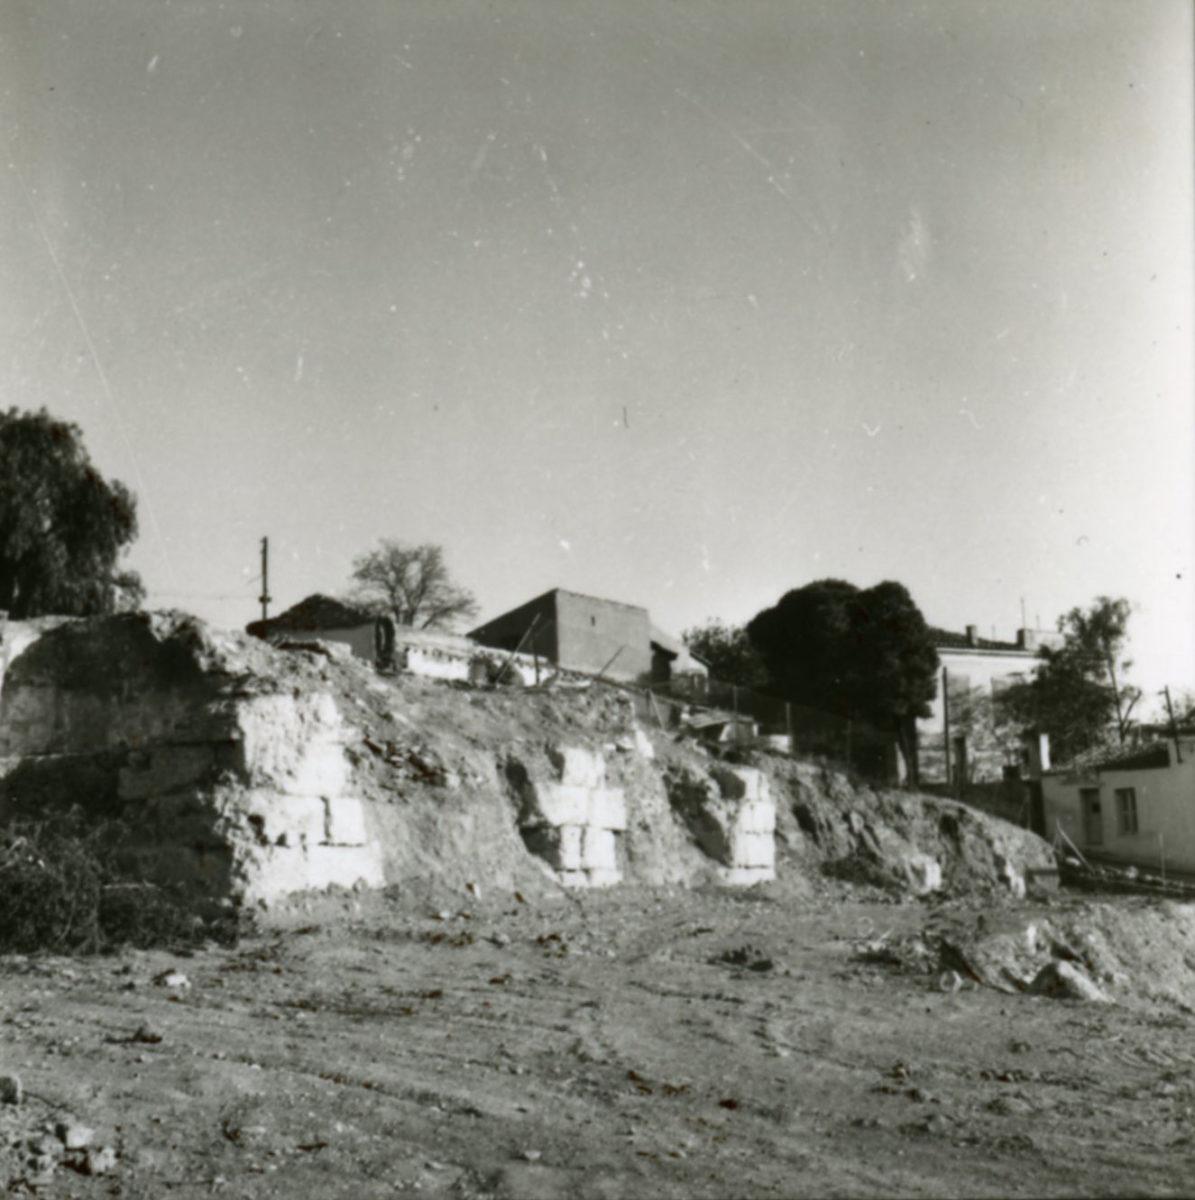 Εικ. 21. Φωτογραφία των βάσεων της νότιας κιονοστοιχίας του Ωδείου του Περικλή, όπως αποκαλύφθηκαν μετά την κατεδάφιση των σπιτιών των Αναφιώτικων.